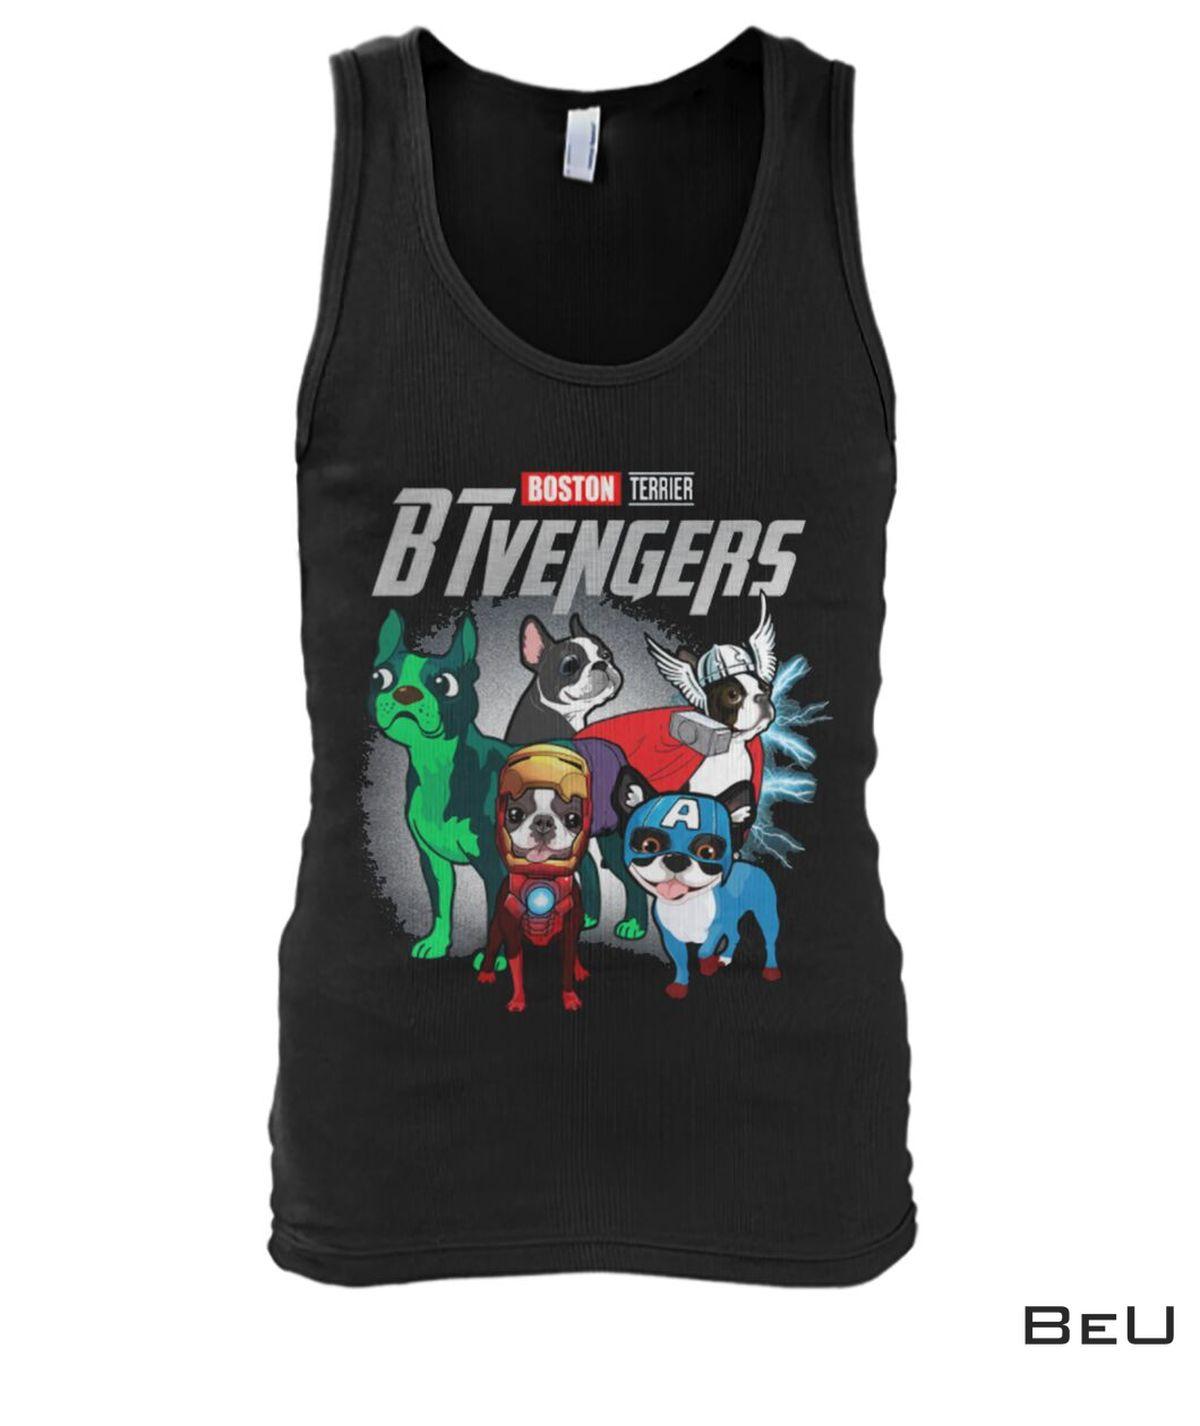 Boston Terrier BTvengers Avengers Shirtx